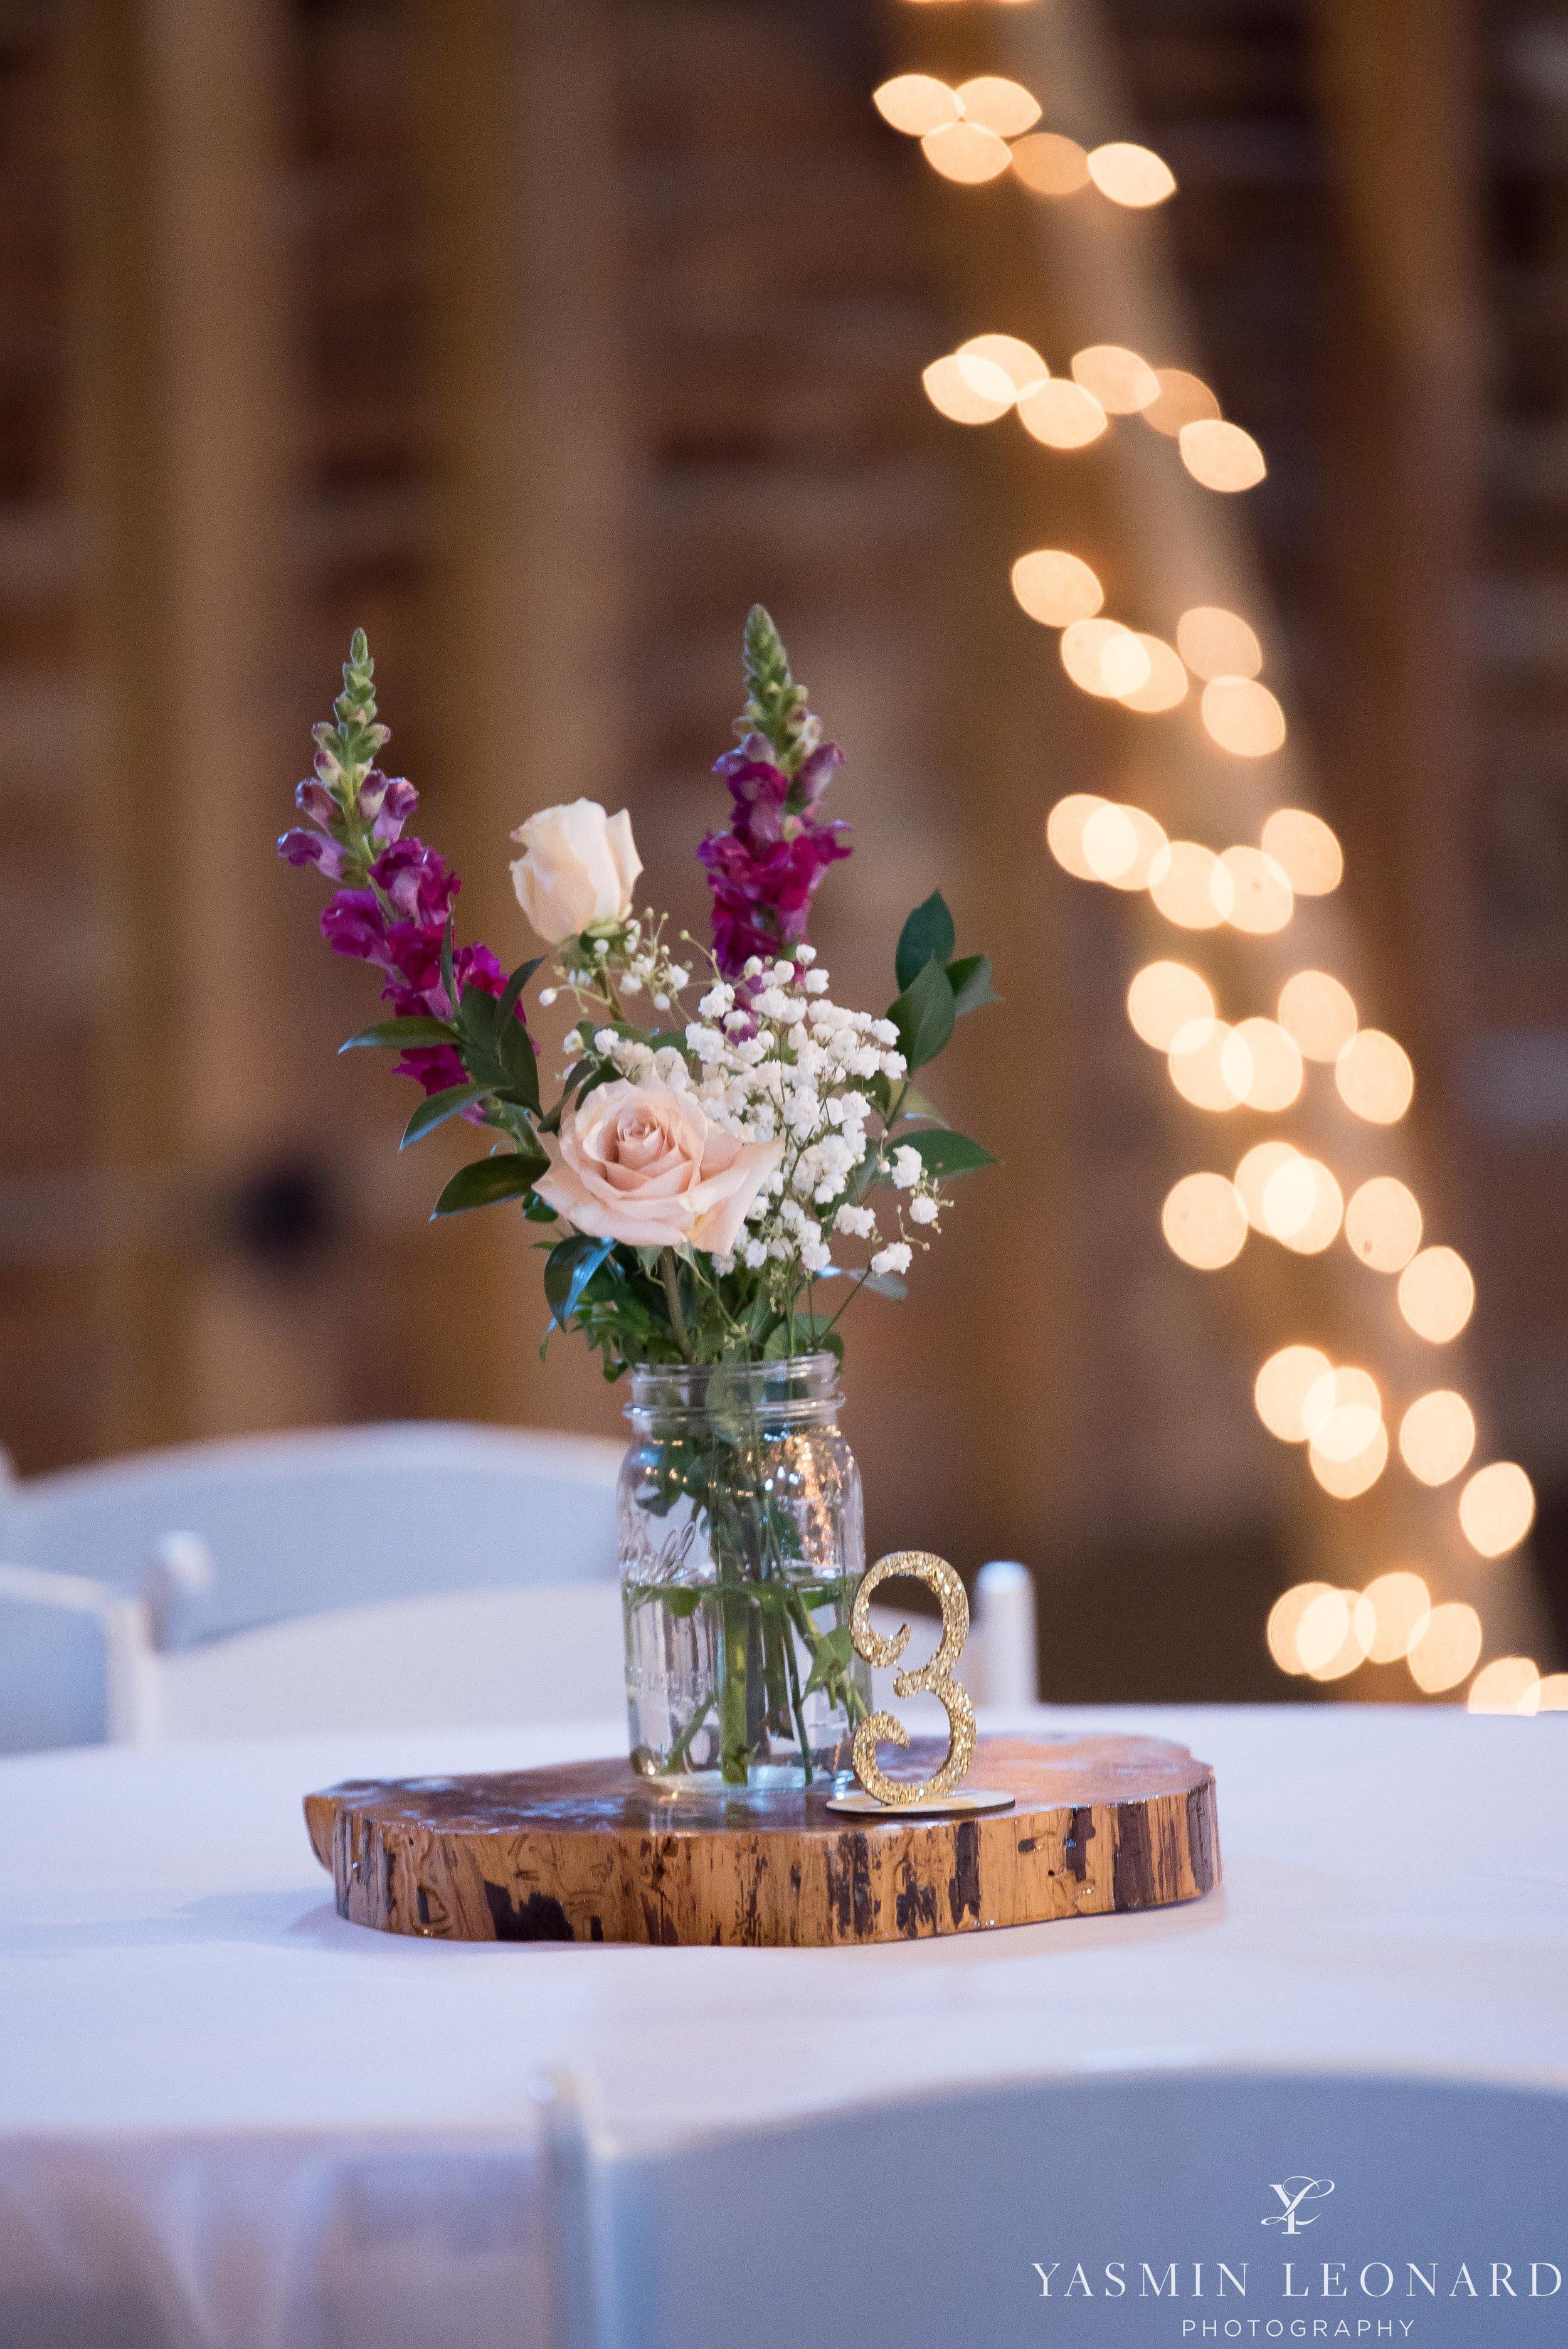 Millikan Farms - Millikan Farms Wedding - Sophia NC Wedding - NC Wedding - NC Wedding Photographer - Yasmin Leonard Photography - High Point Photographer - Barn Wedding - Wedding Venues in NC - Triad Wedding Photographer-7.jpg